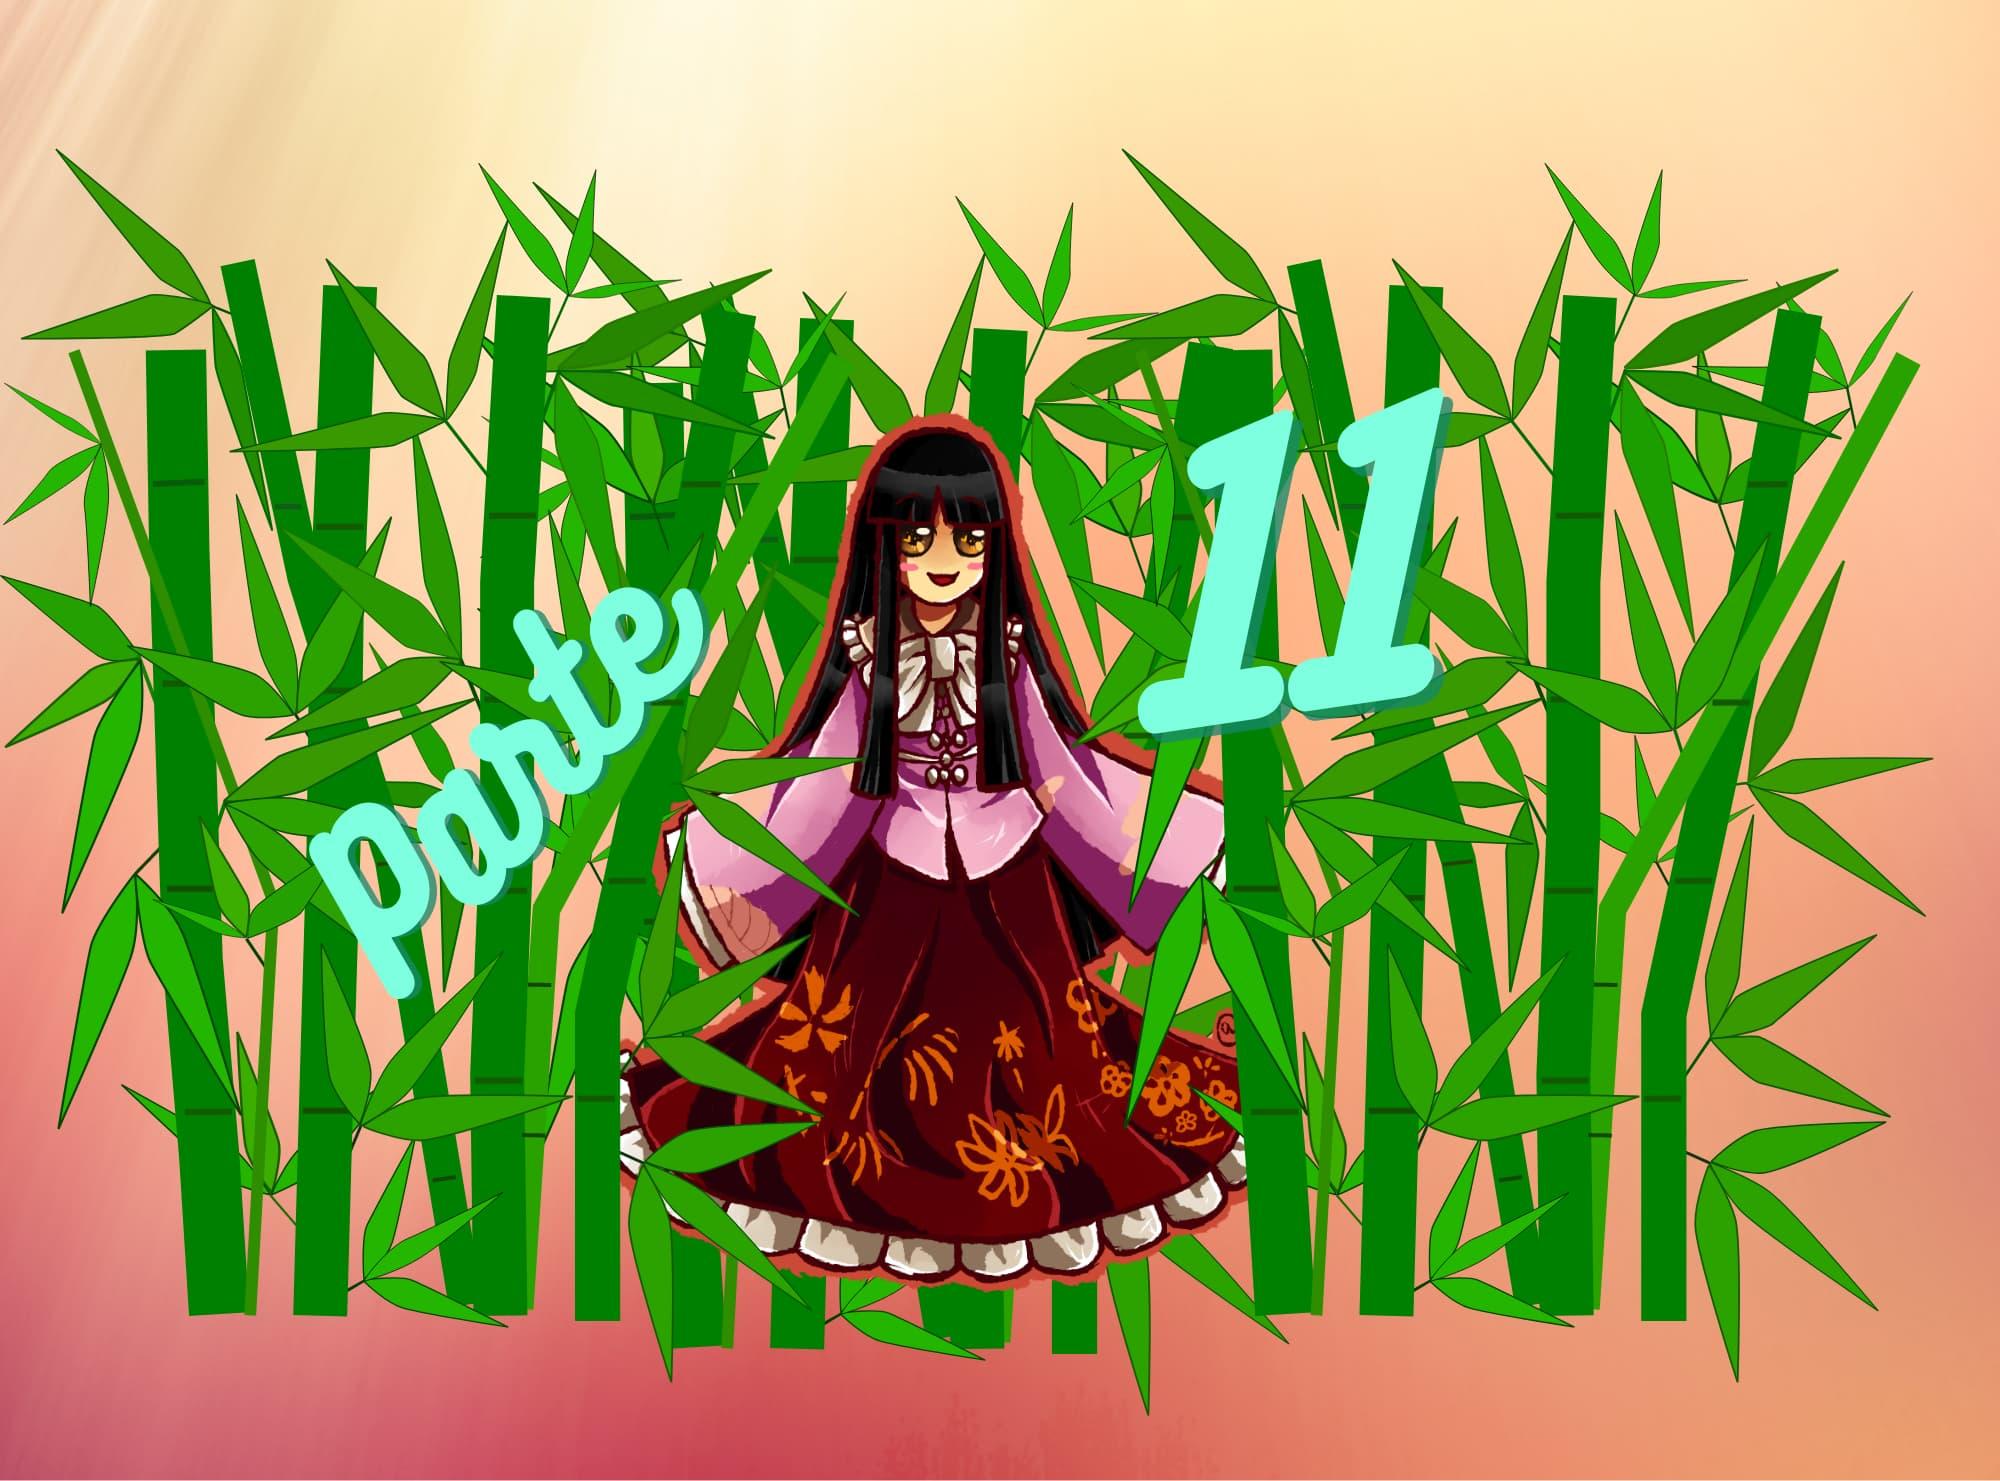 Práctica de lectura N5 de Hiragana: Princesa Kaguya parte 11 (Una princesa triste)